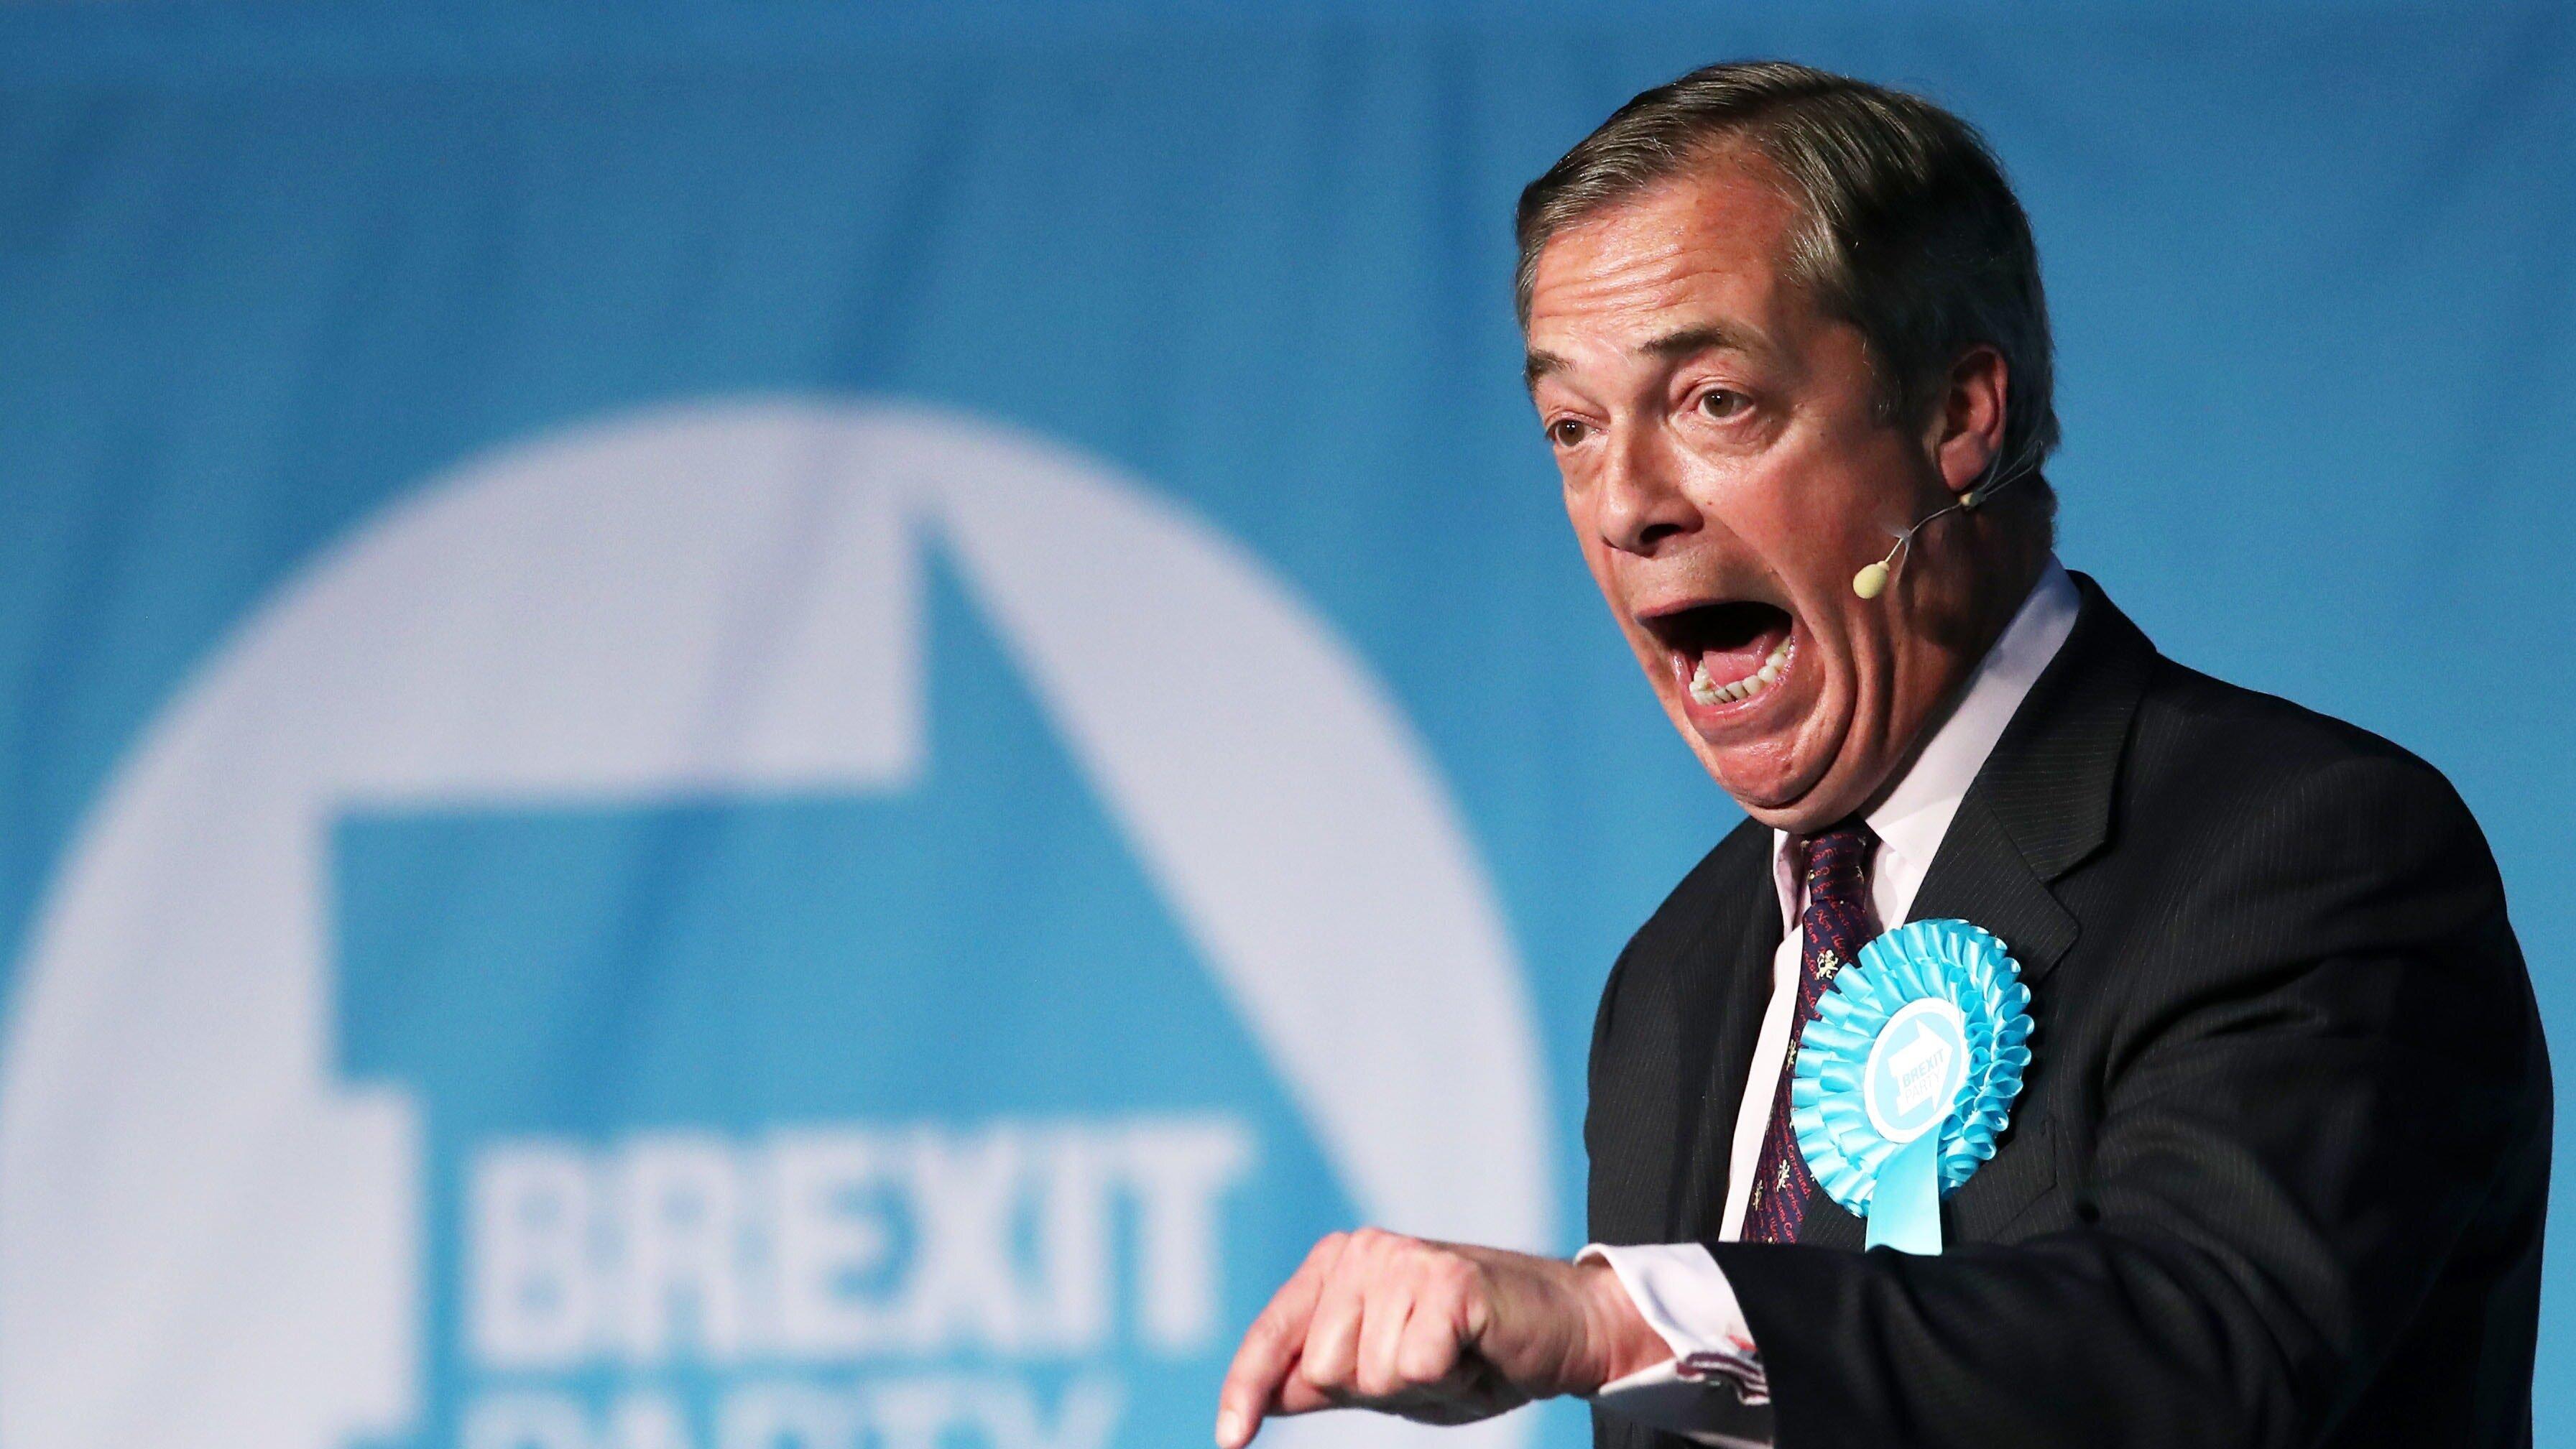 Elecciones europeas 2019: ¿por qué Reino Unido tiene que votar aunque vaya a dejar la